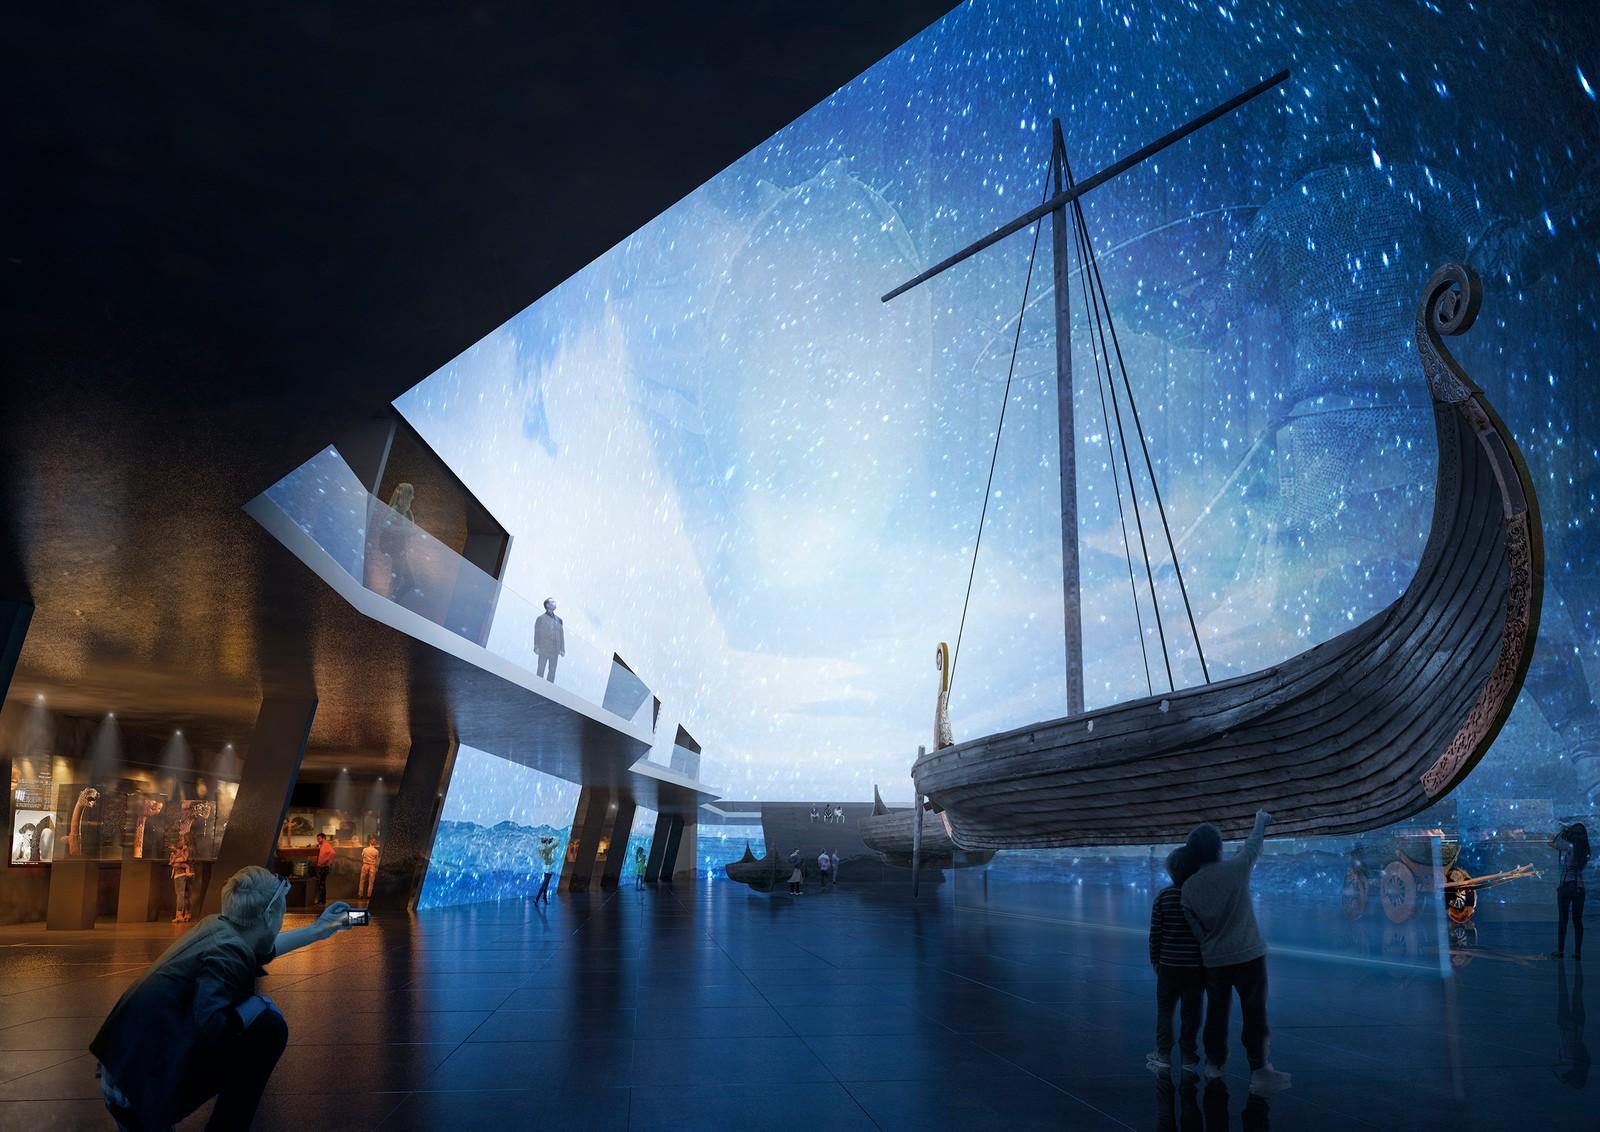 Dette forslaget viser frem vikingskipene med en stjernehimmel i bakgrunnen. NRK har ikke fått vite hvem som har sendt inn bidragene.